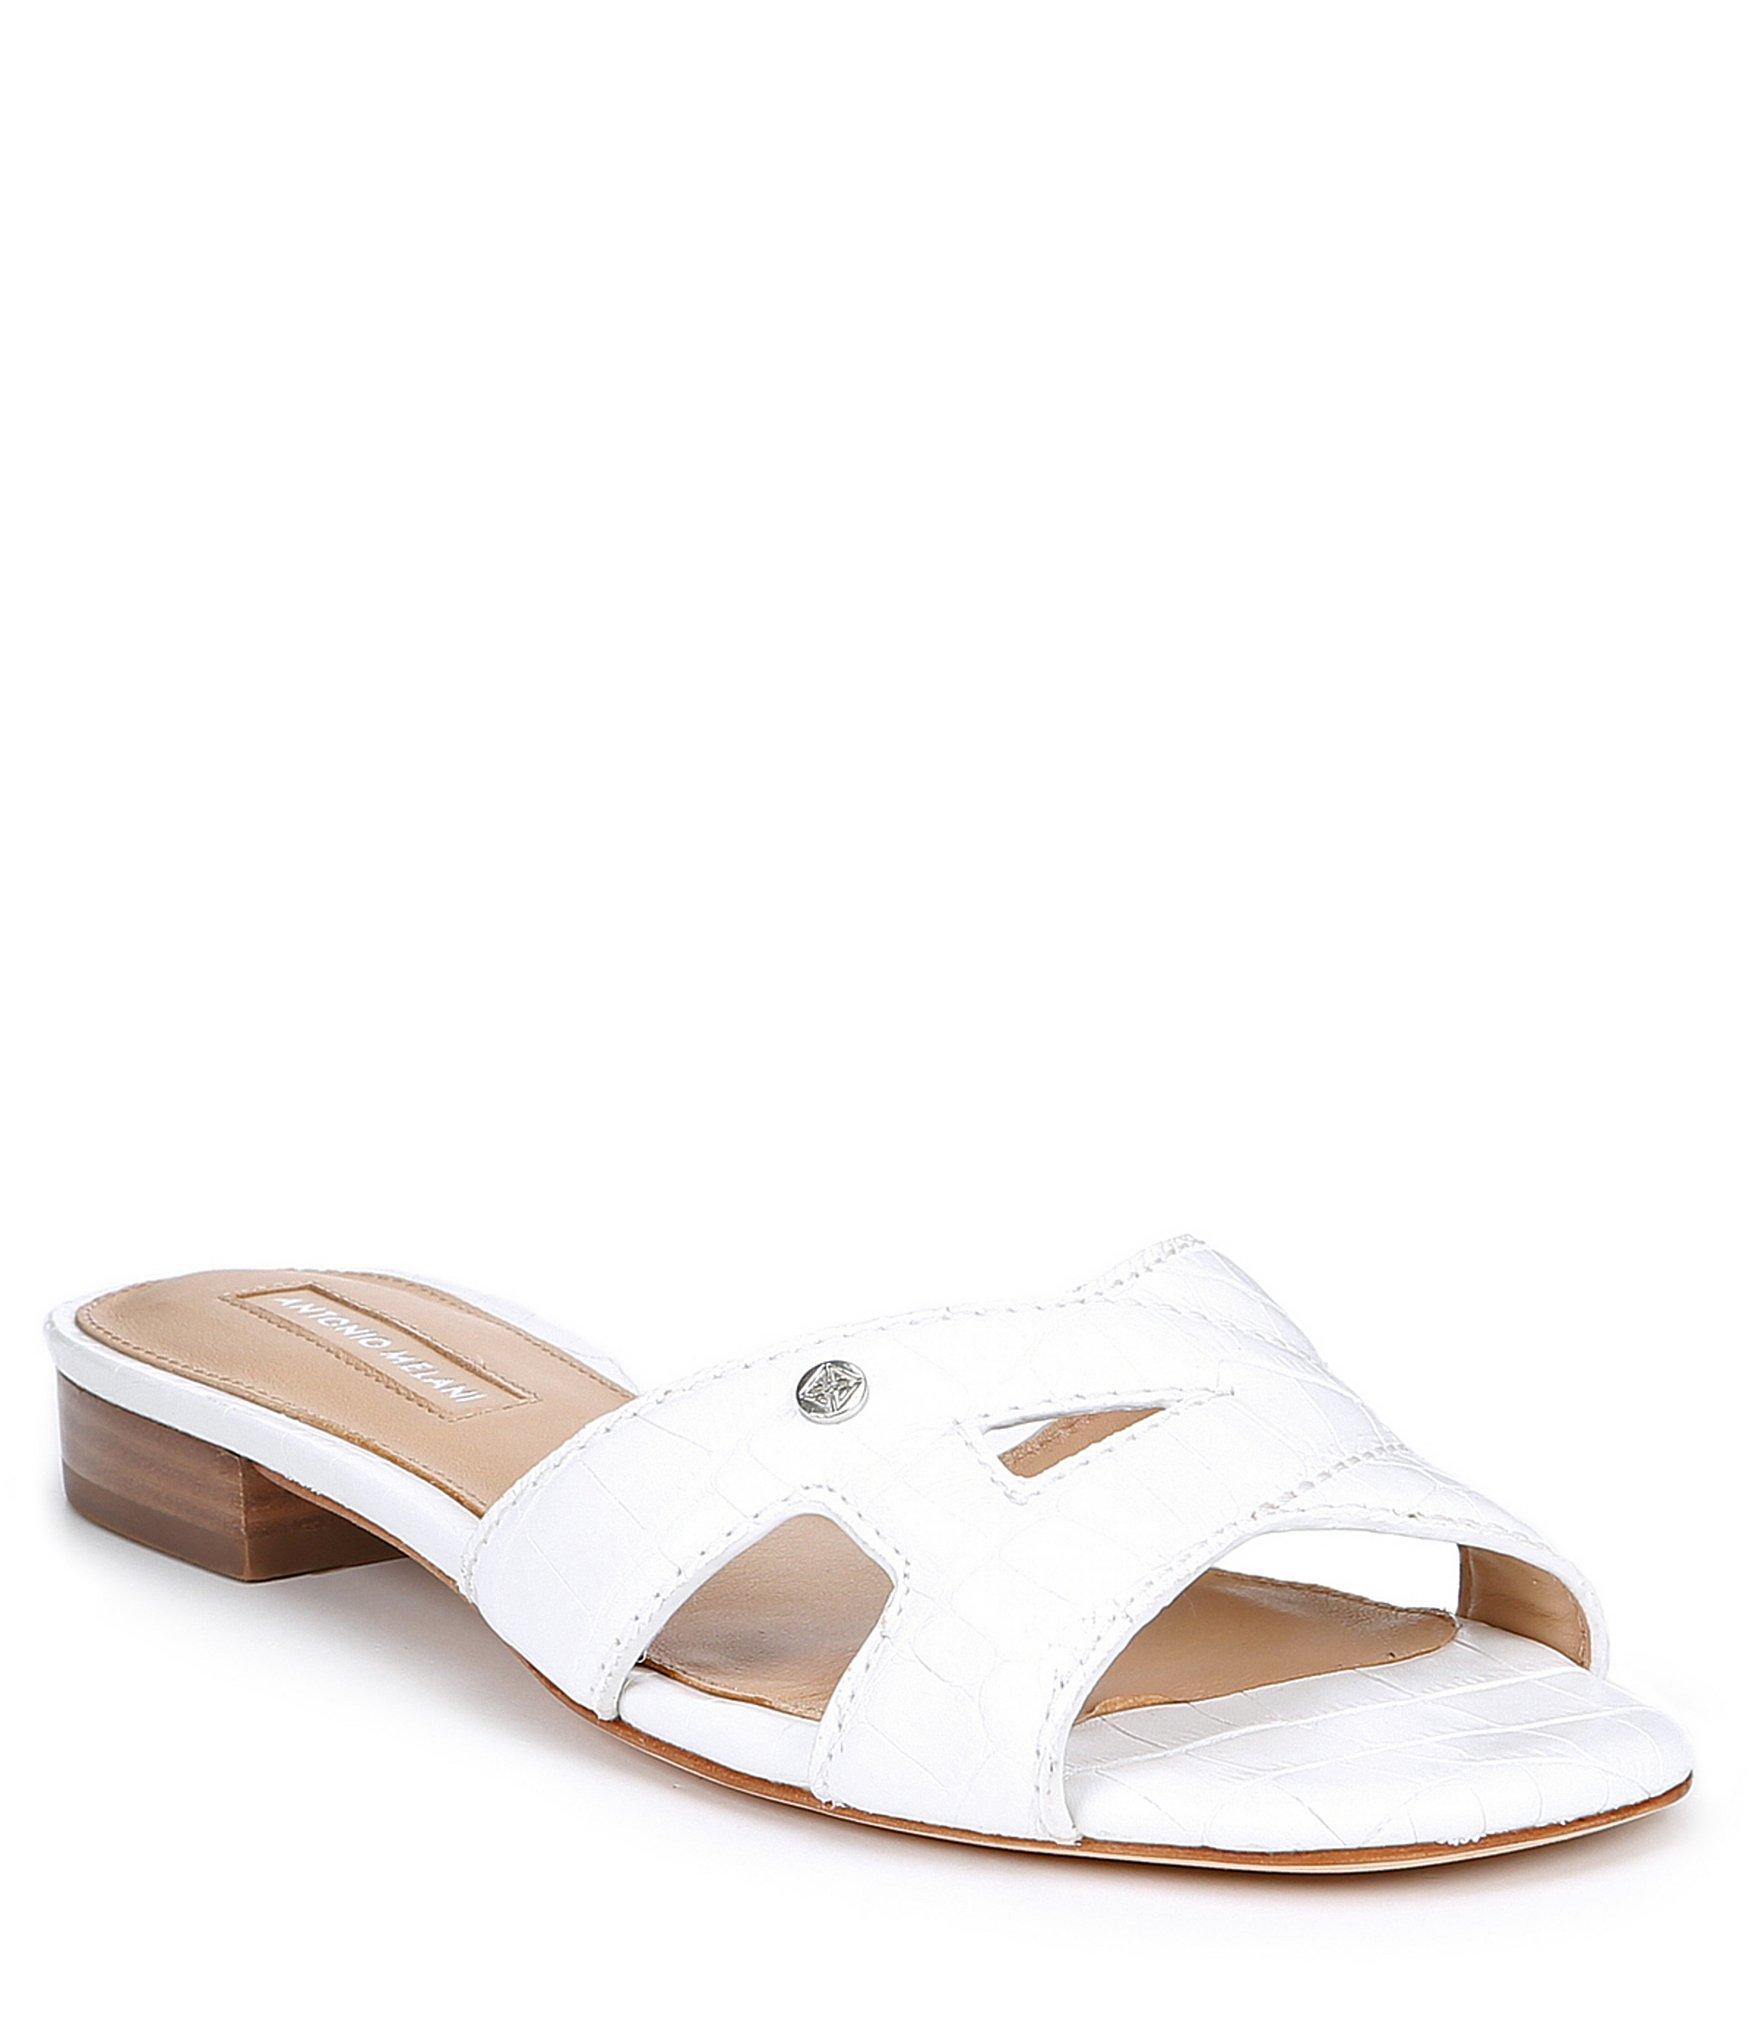 36da498f5c7 Lyst - Antonio Melani Carrah Logo Slide Sandals in White